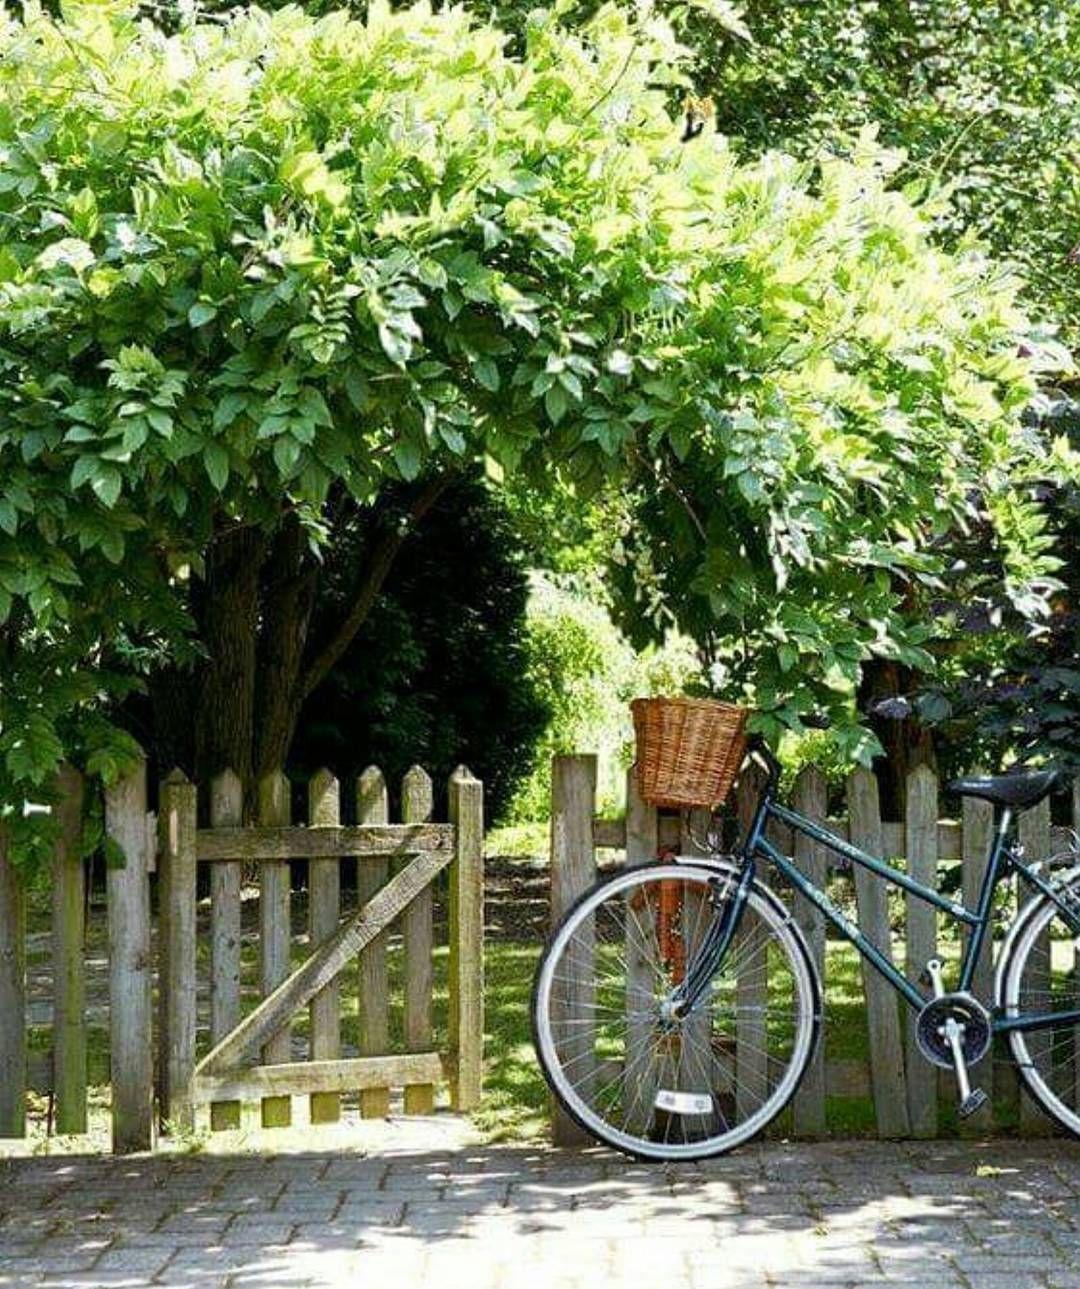 """1,255 curtidas, 12 comentários - Nella casa di Ro (@nellacasadiro) no Instagram: """"Boa tarde! 💚🍃 #boatarde#goodafternoon#bikes#nellacasadiro"""""""